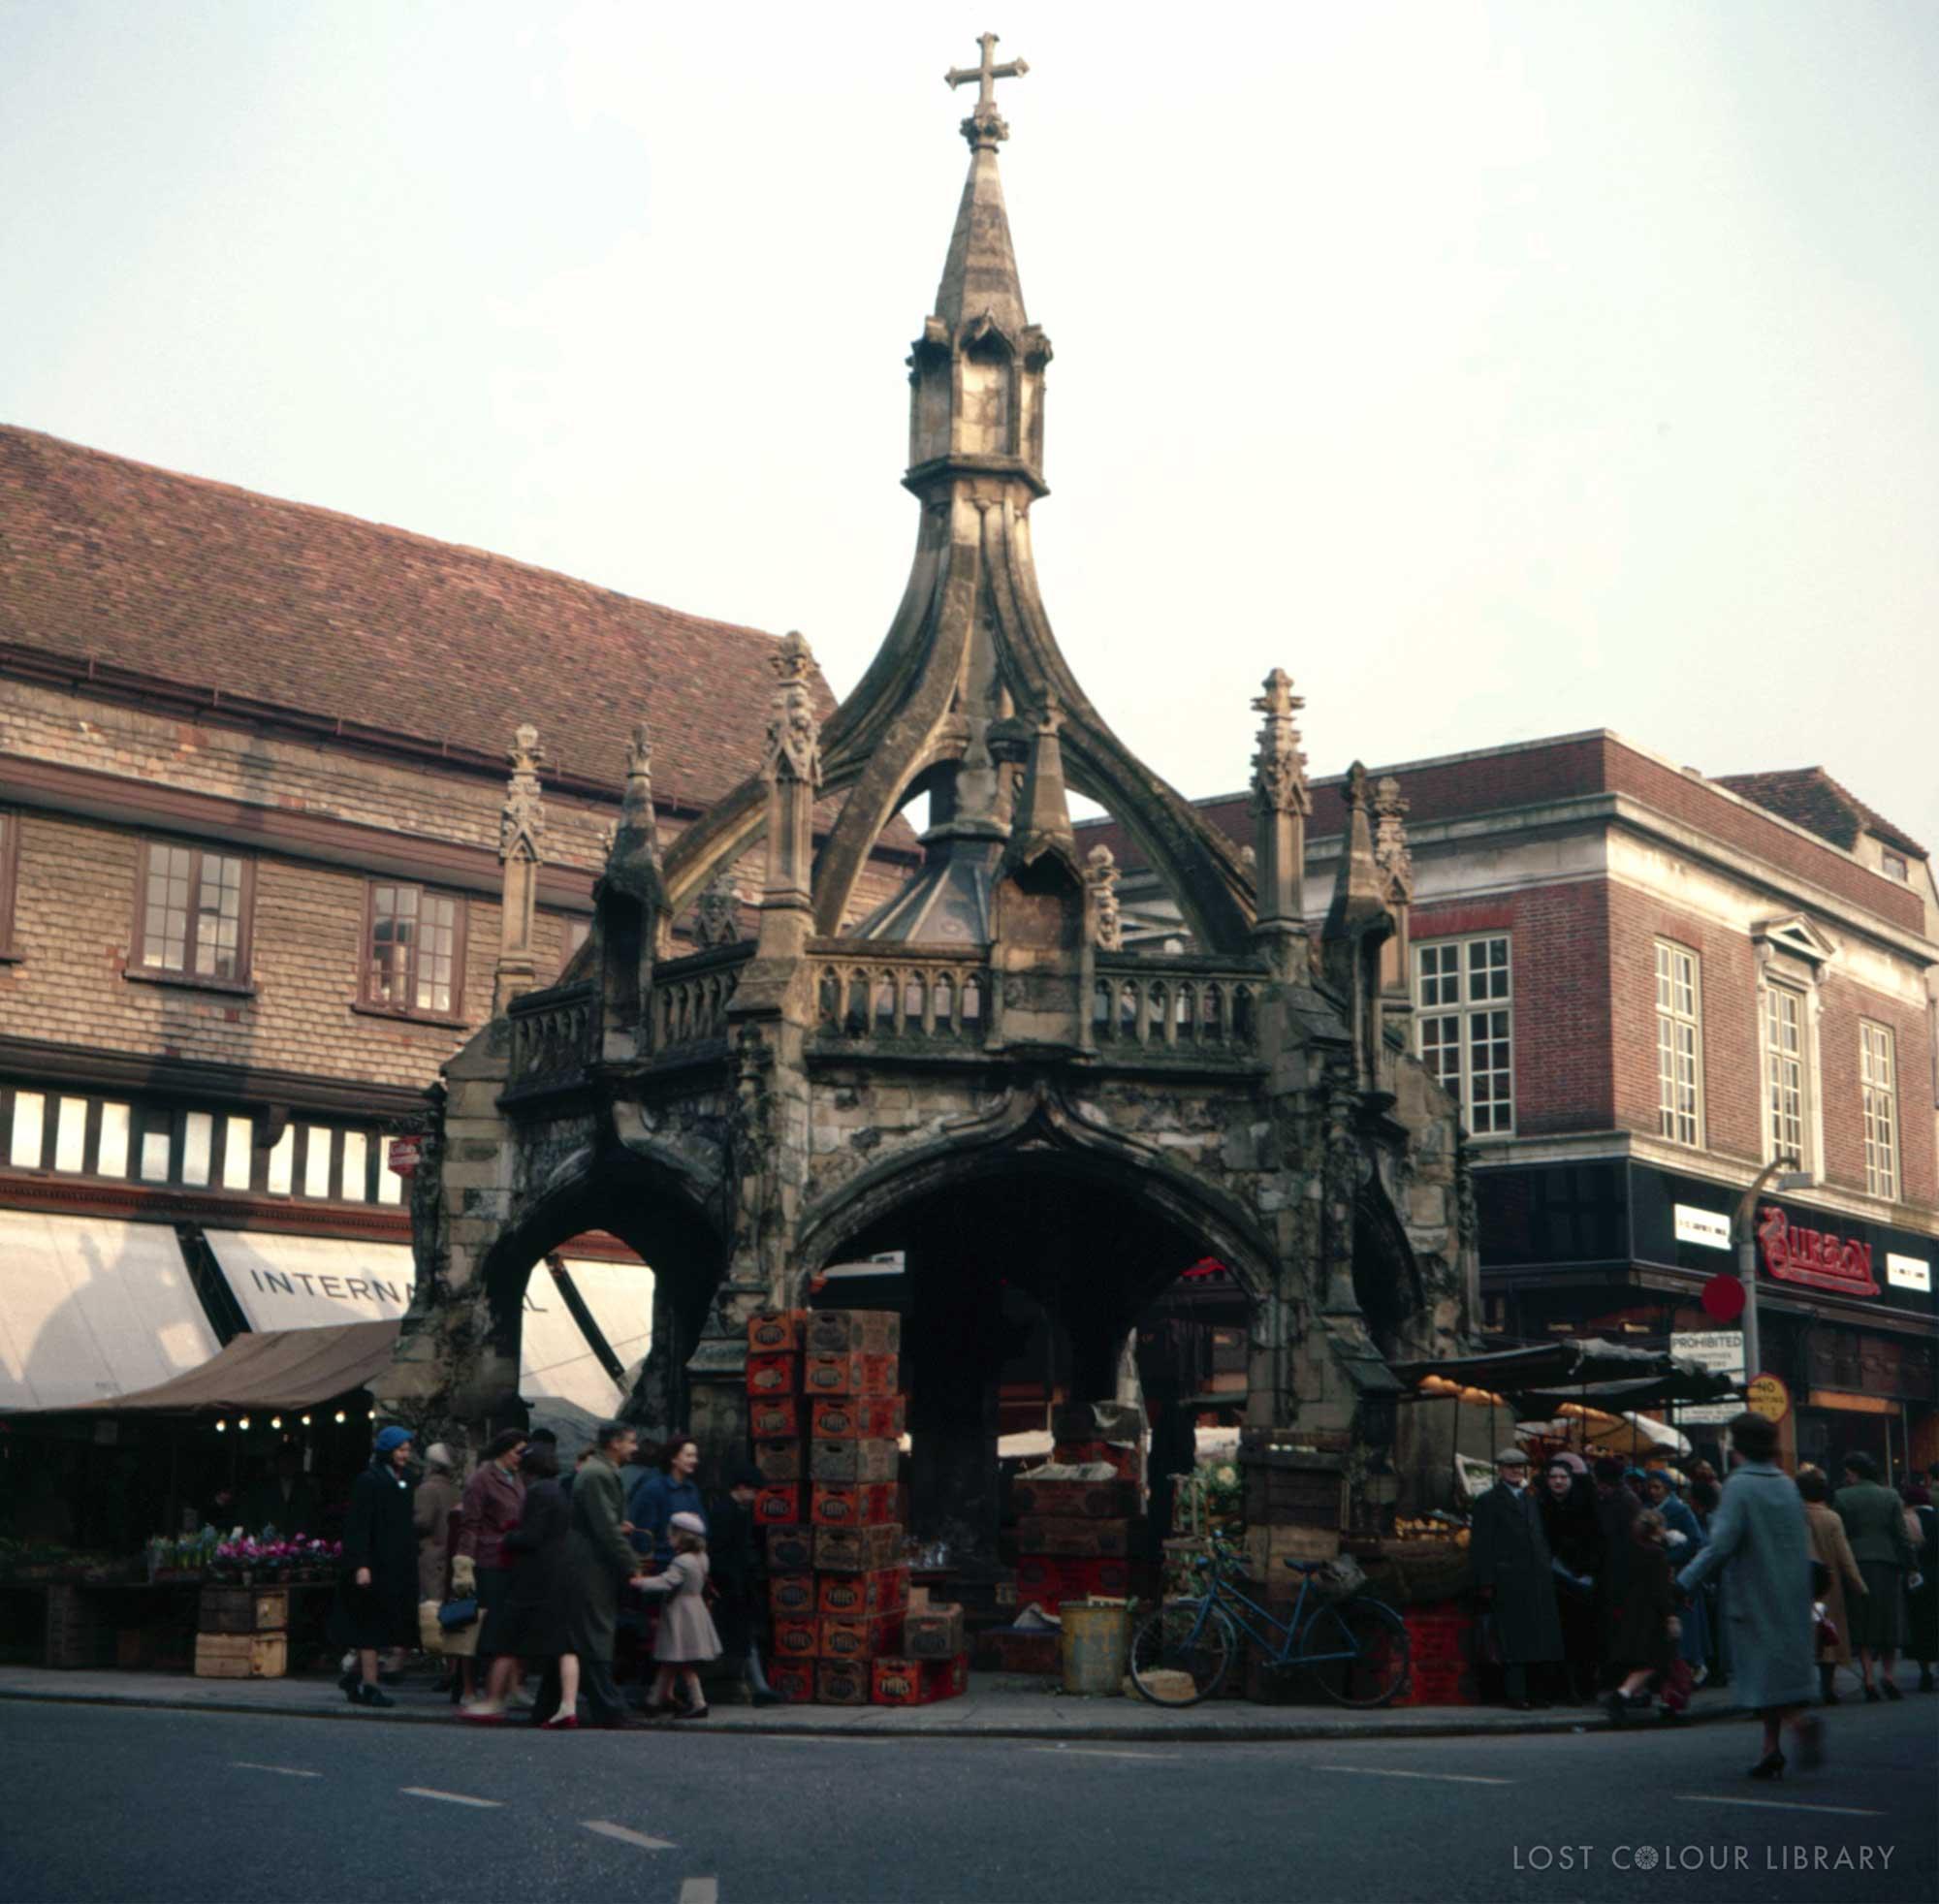 lcl-ww-salisbury-market-cross-1960-site-wm.jpg